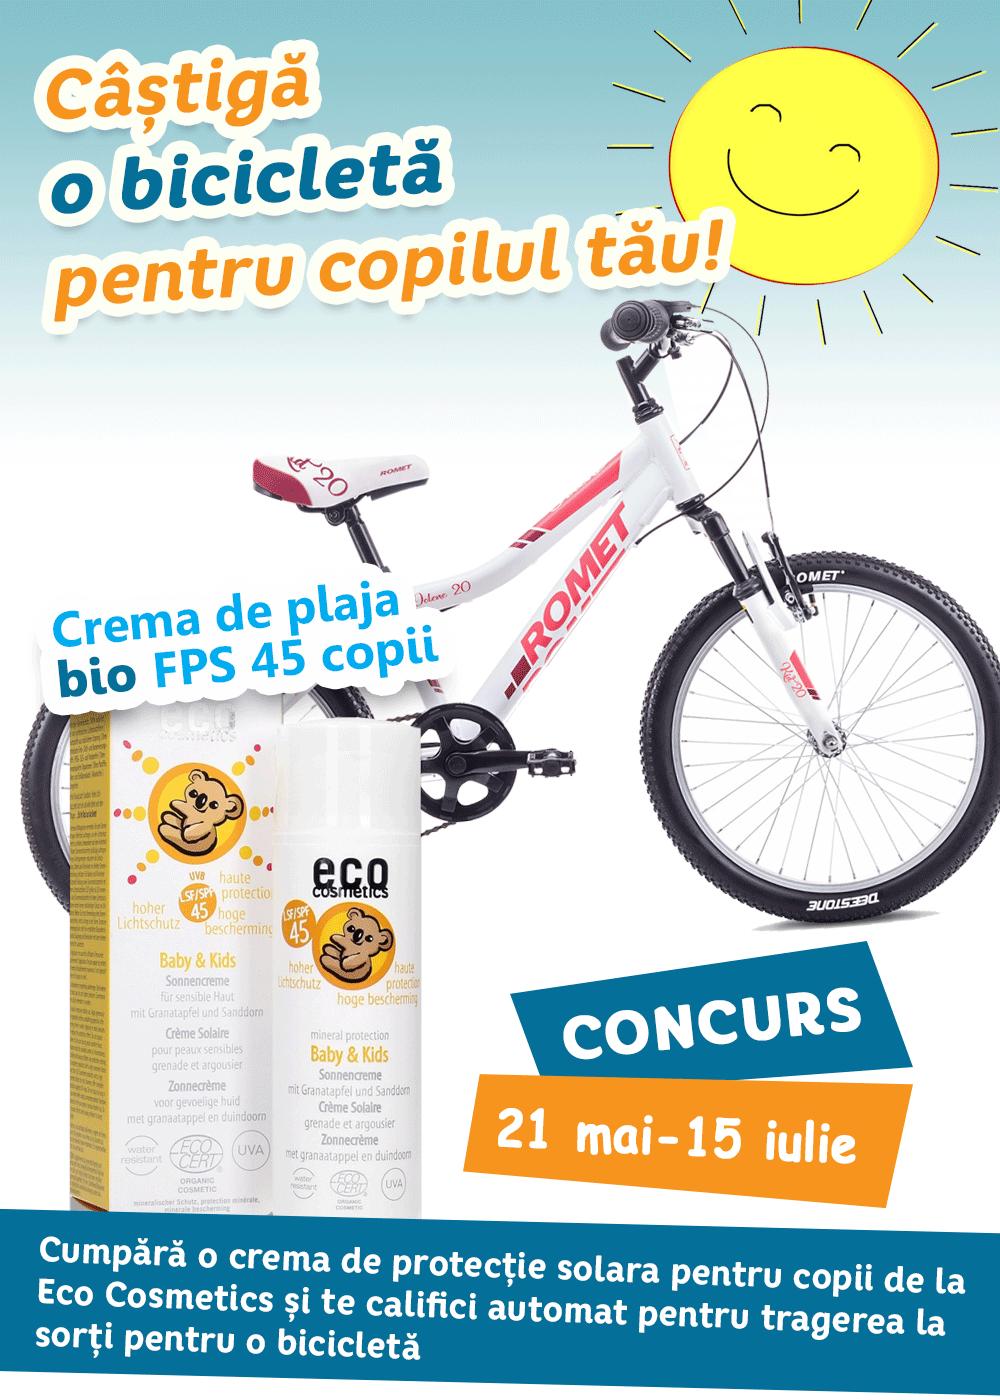 Bicicleta de vară cu protecție solară